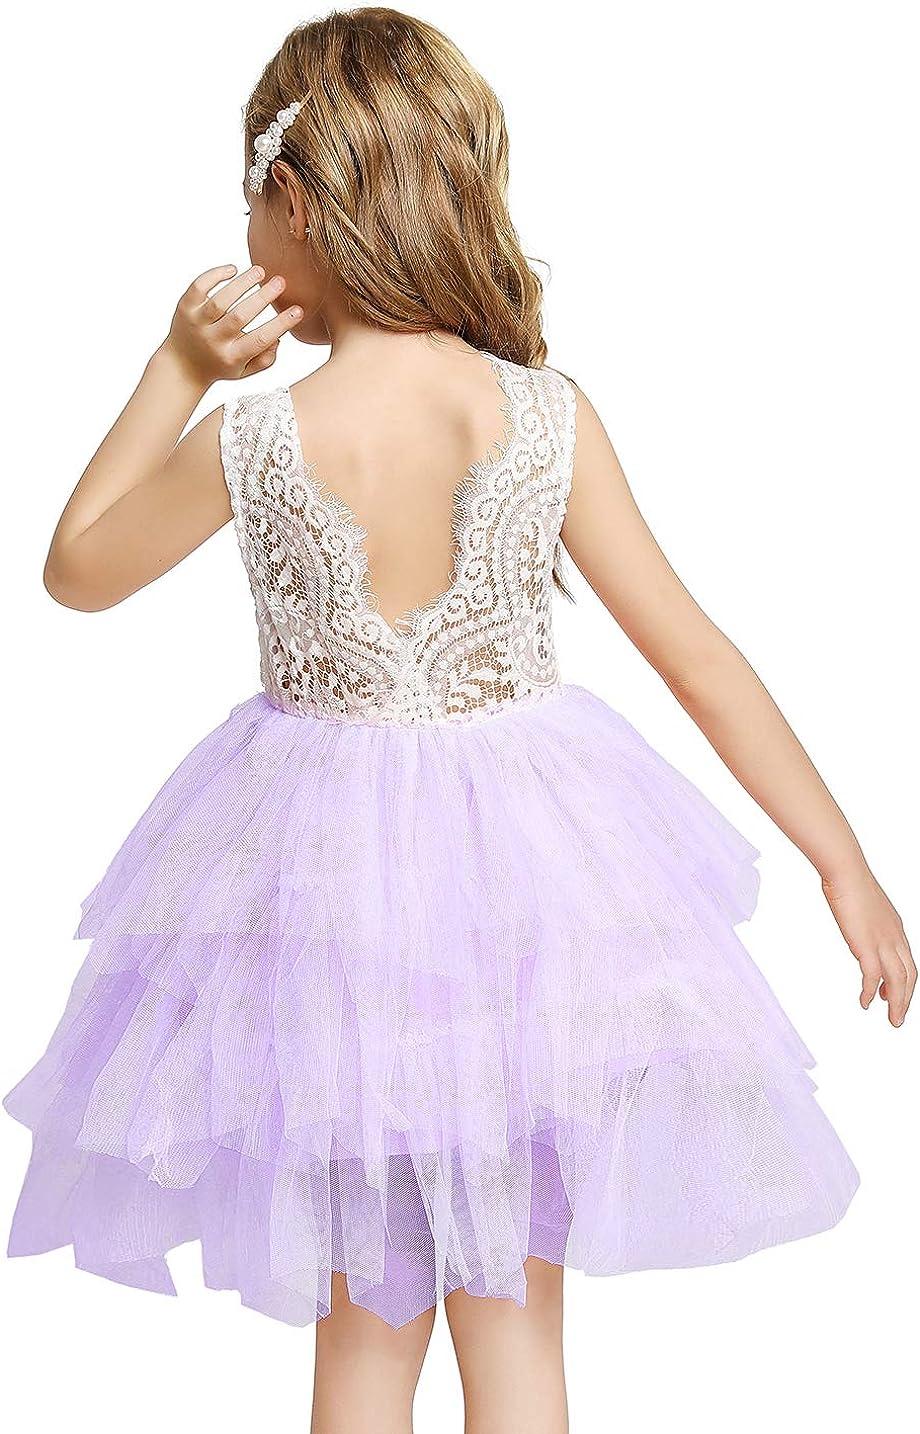 YOFEEL Toddler Flower Girls Summer Dress Short Sleeve Tutu Dresses, Knee-Length